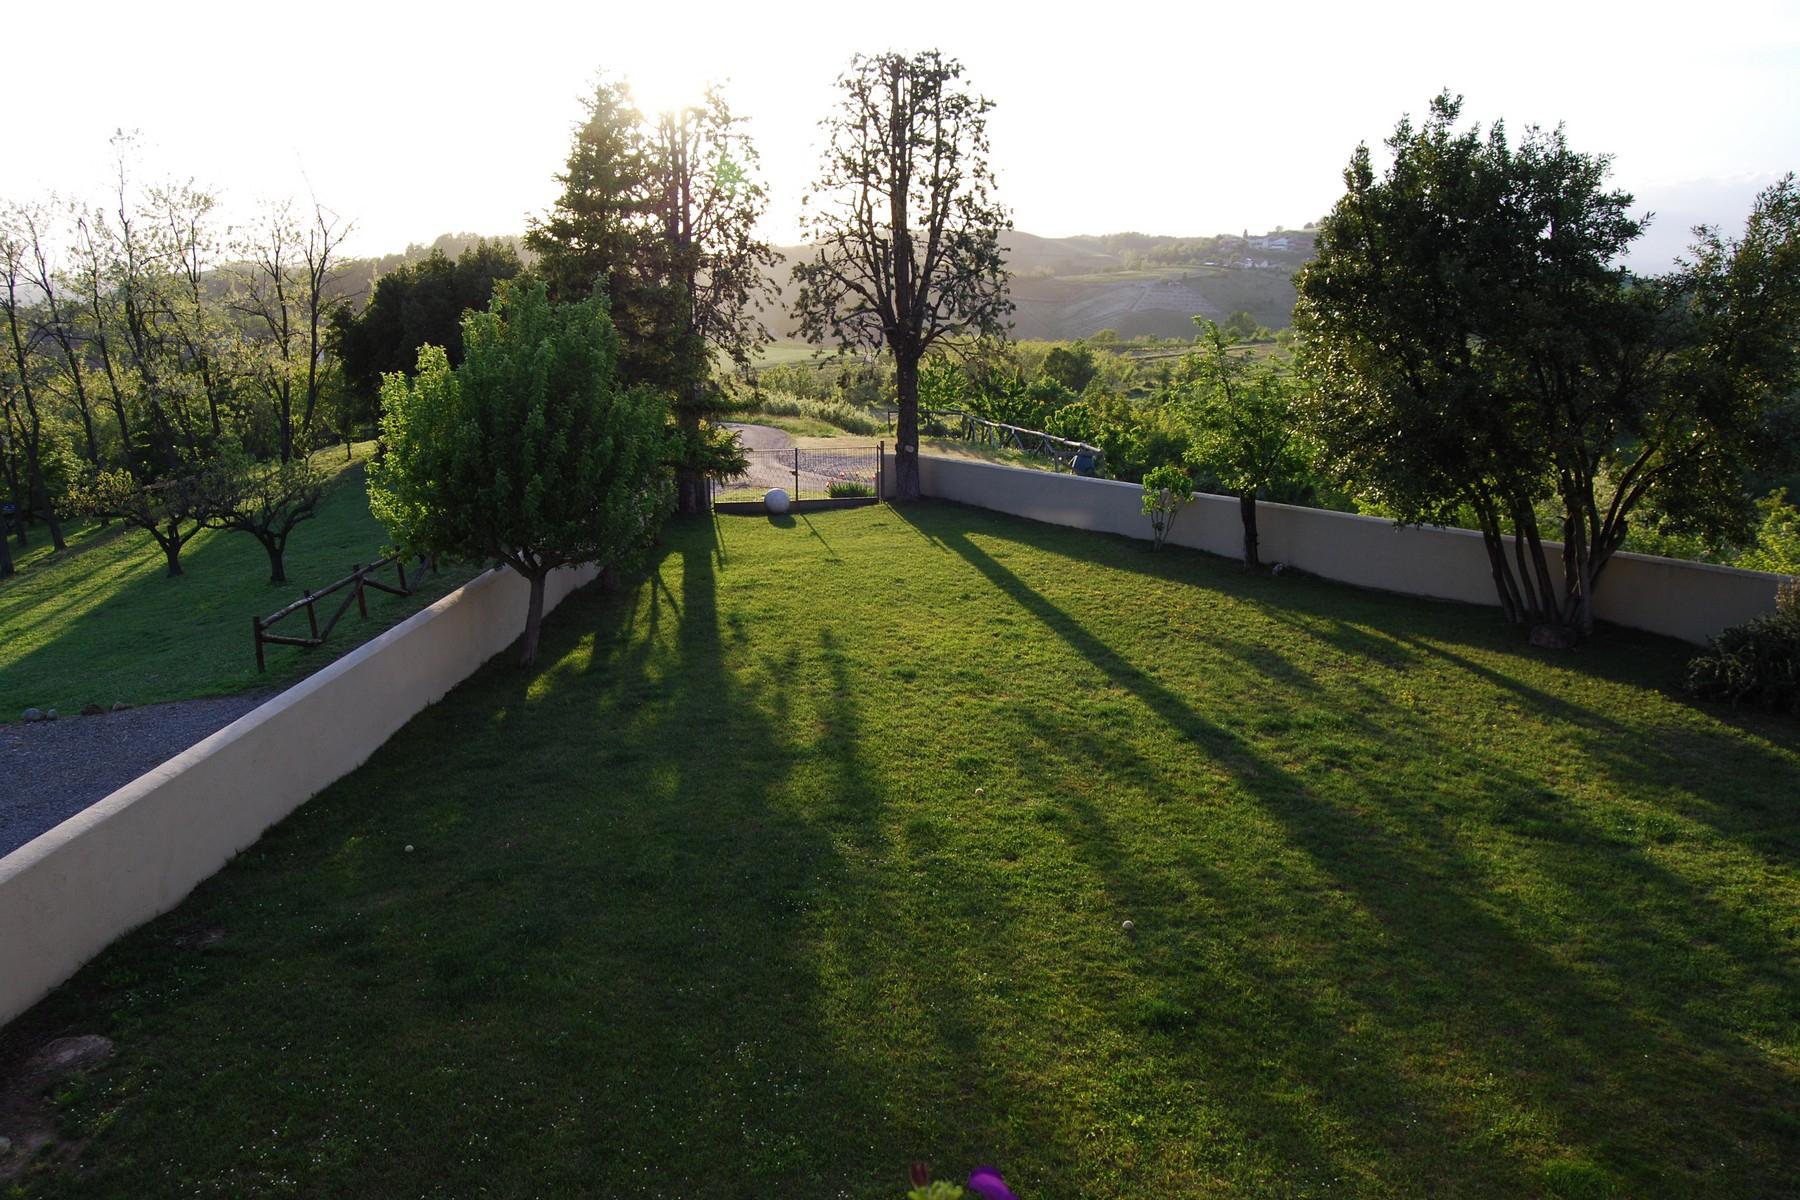 Rustico in Vendita a Montemarzino: 5 locali, 300 mq - Foto 24